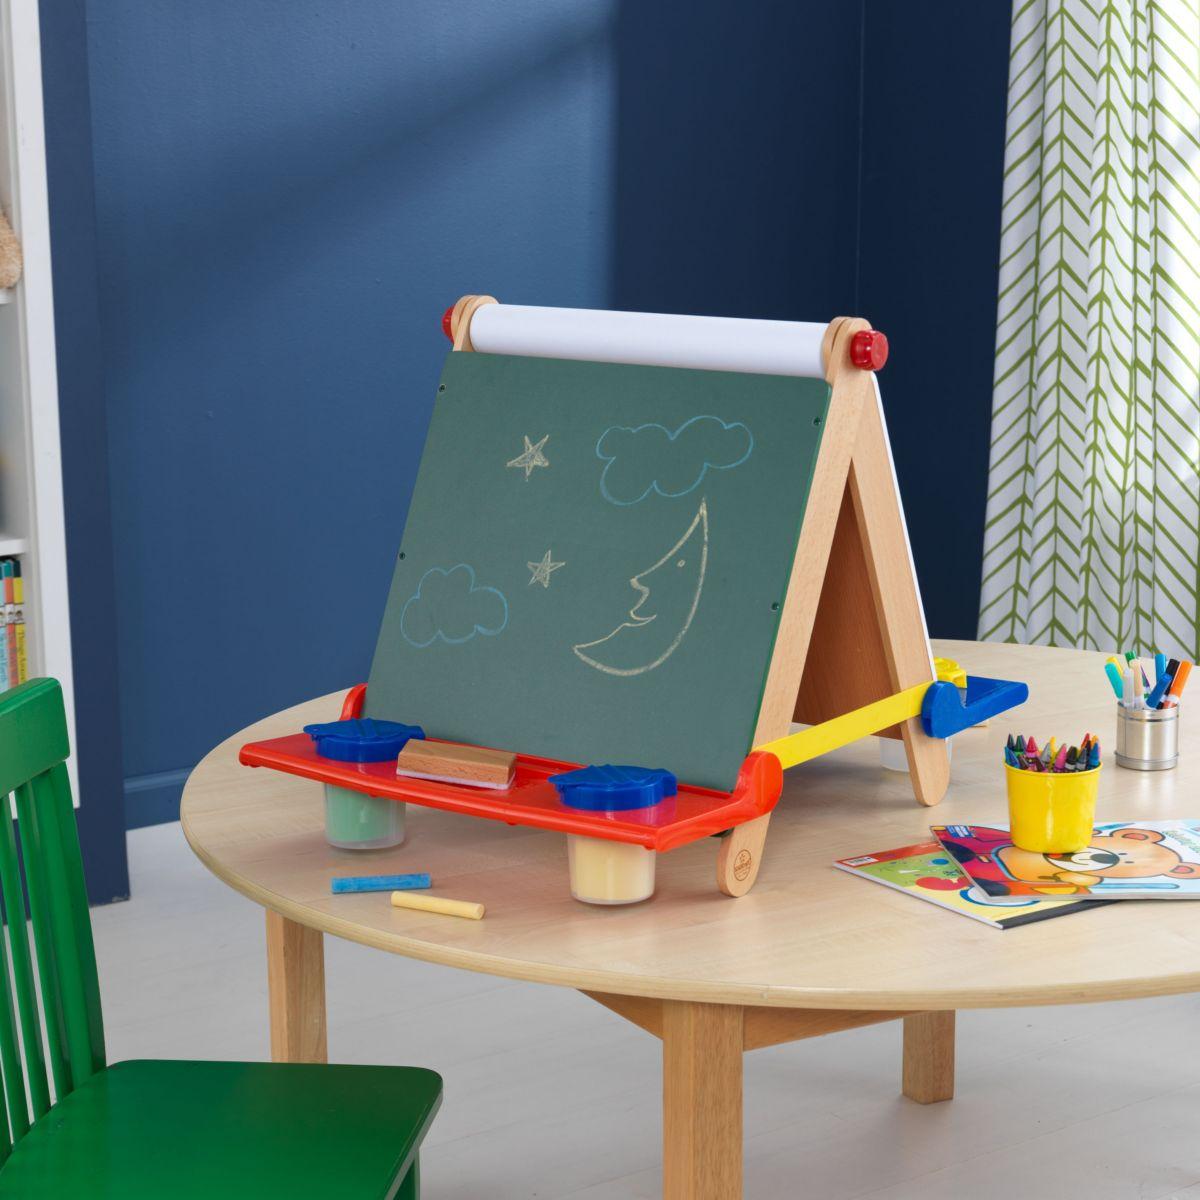 KidKraft® Kindertafel und Tischstaffelei